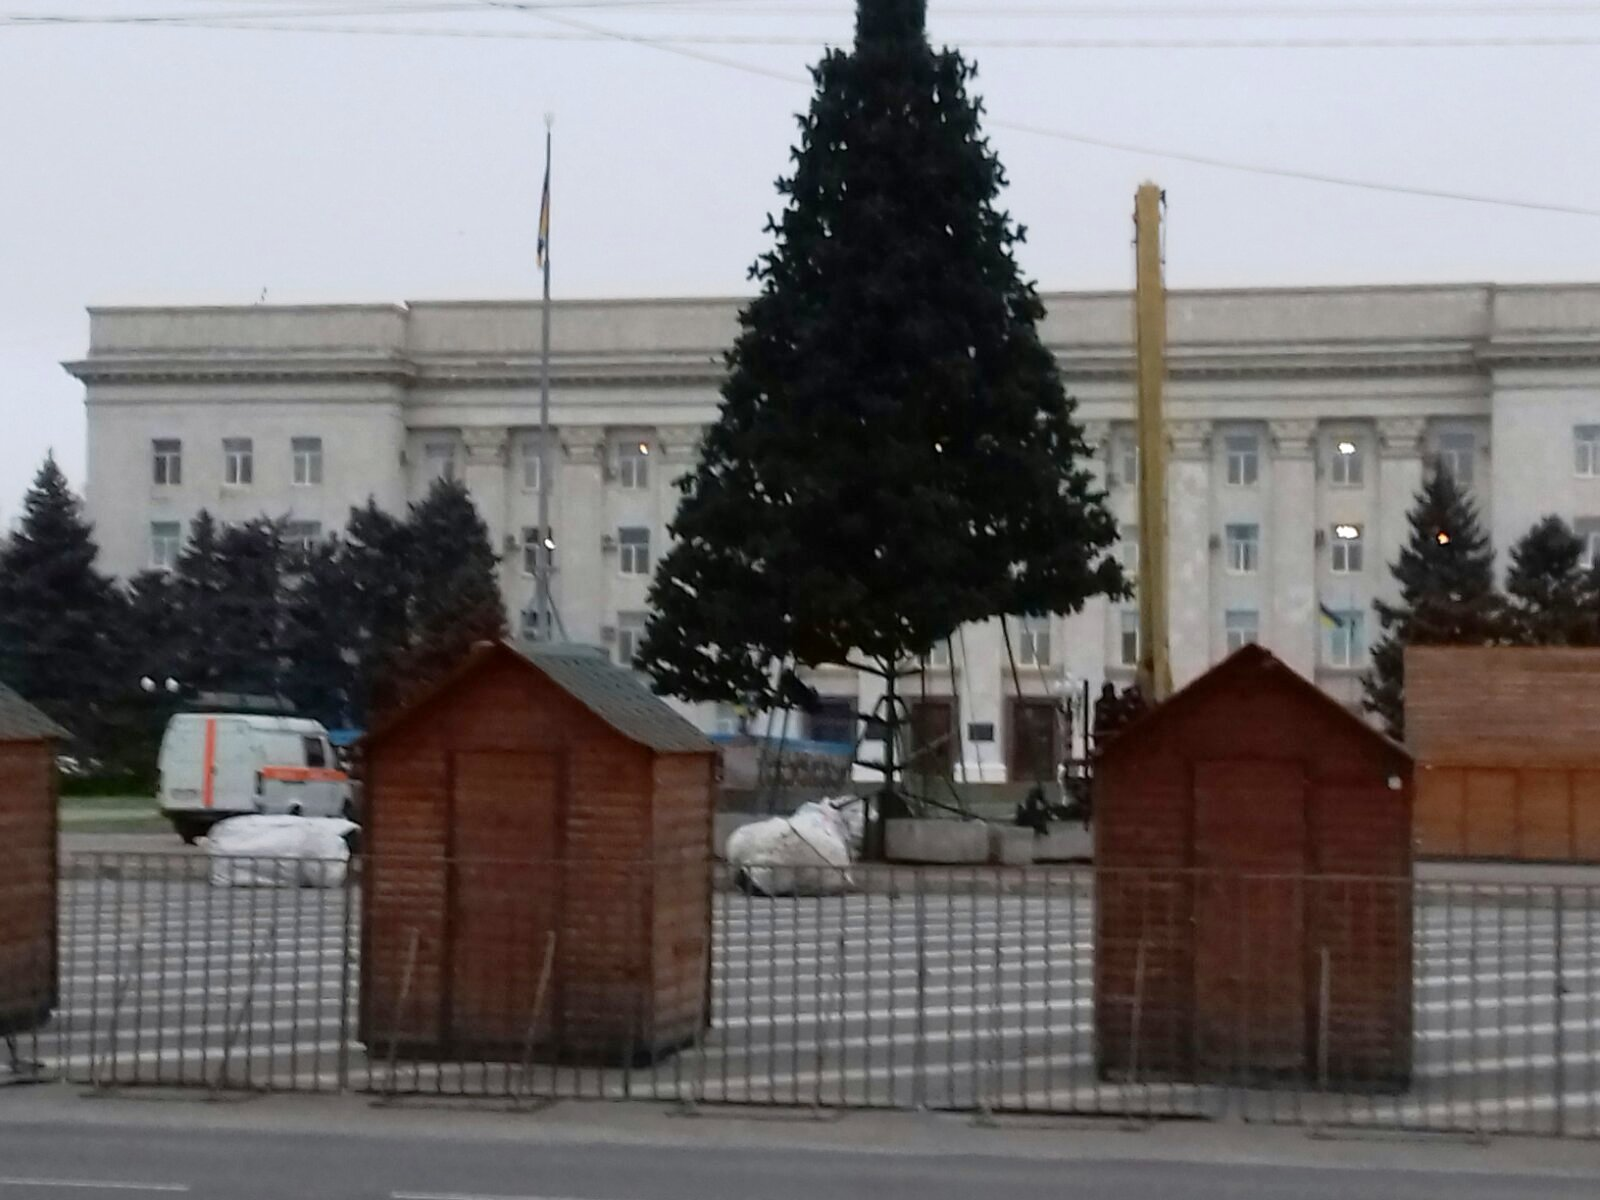 Елка в центре Херсона уже становится похожей на елку